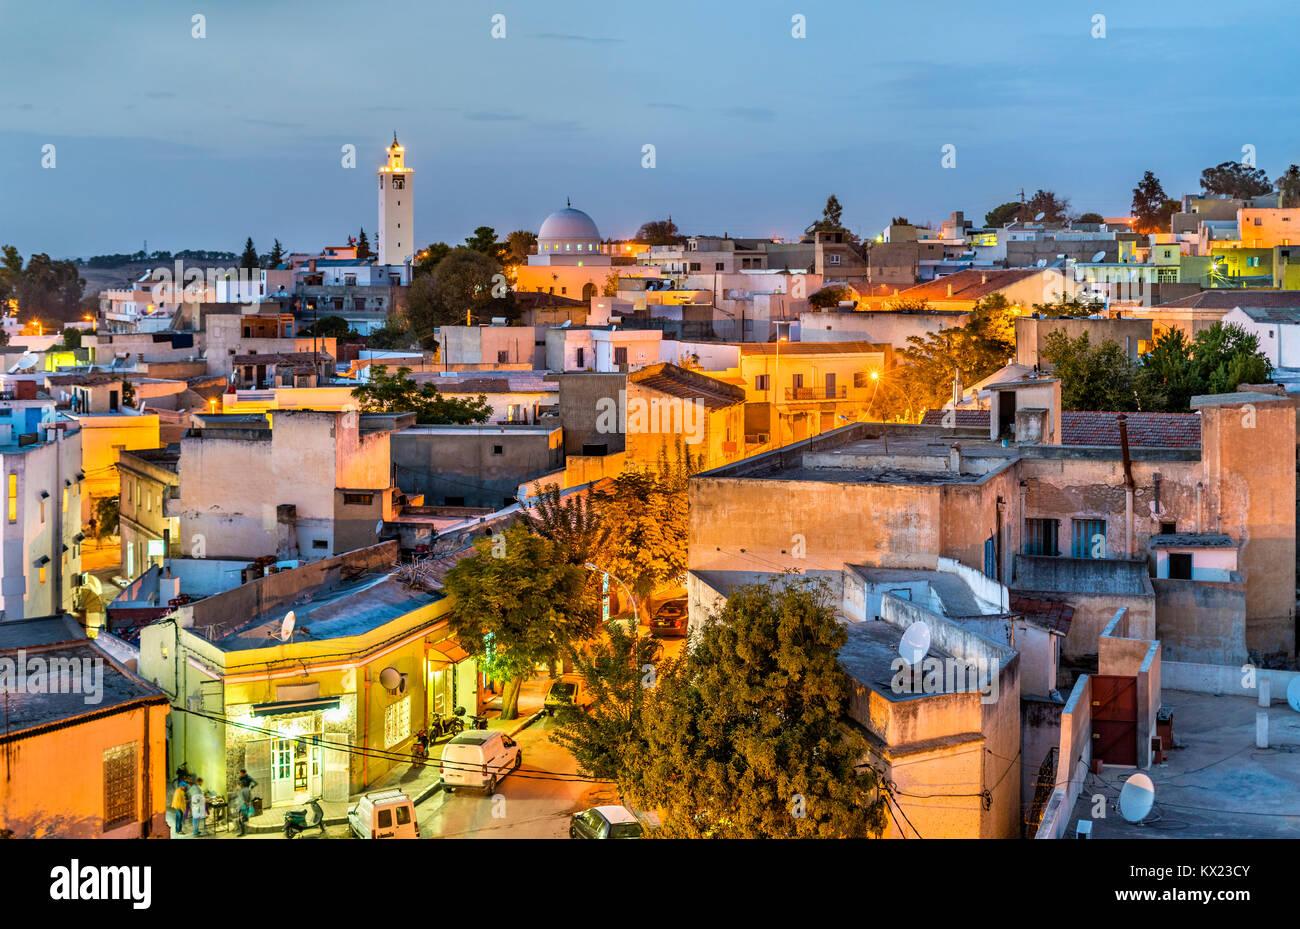 Skyline nuit d'El Kef, une ville du nord-ouest de la Tunisie Photo Stock